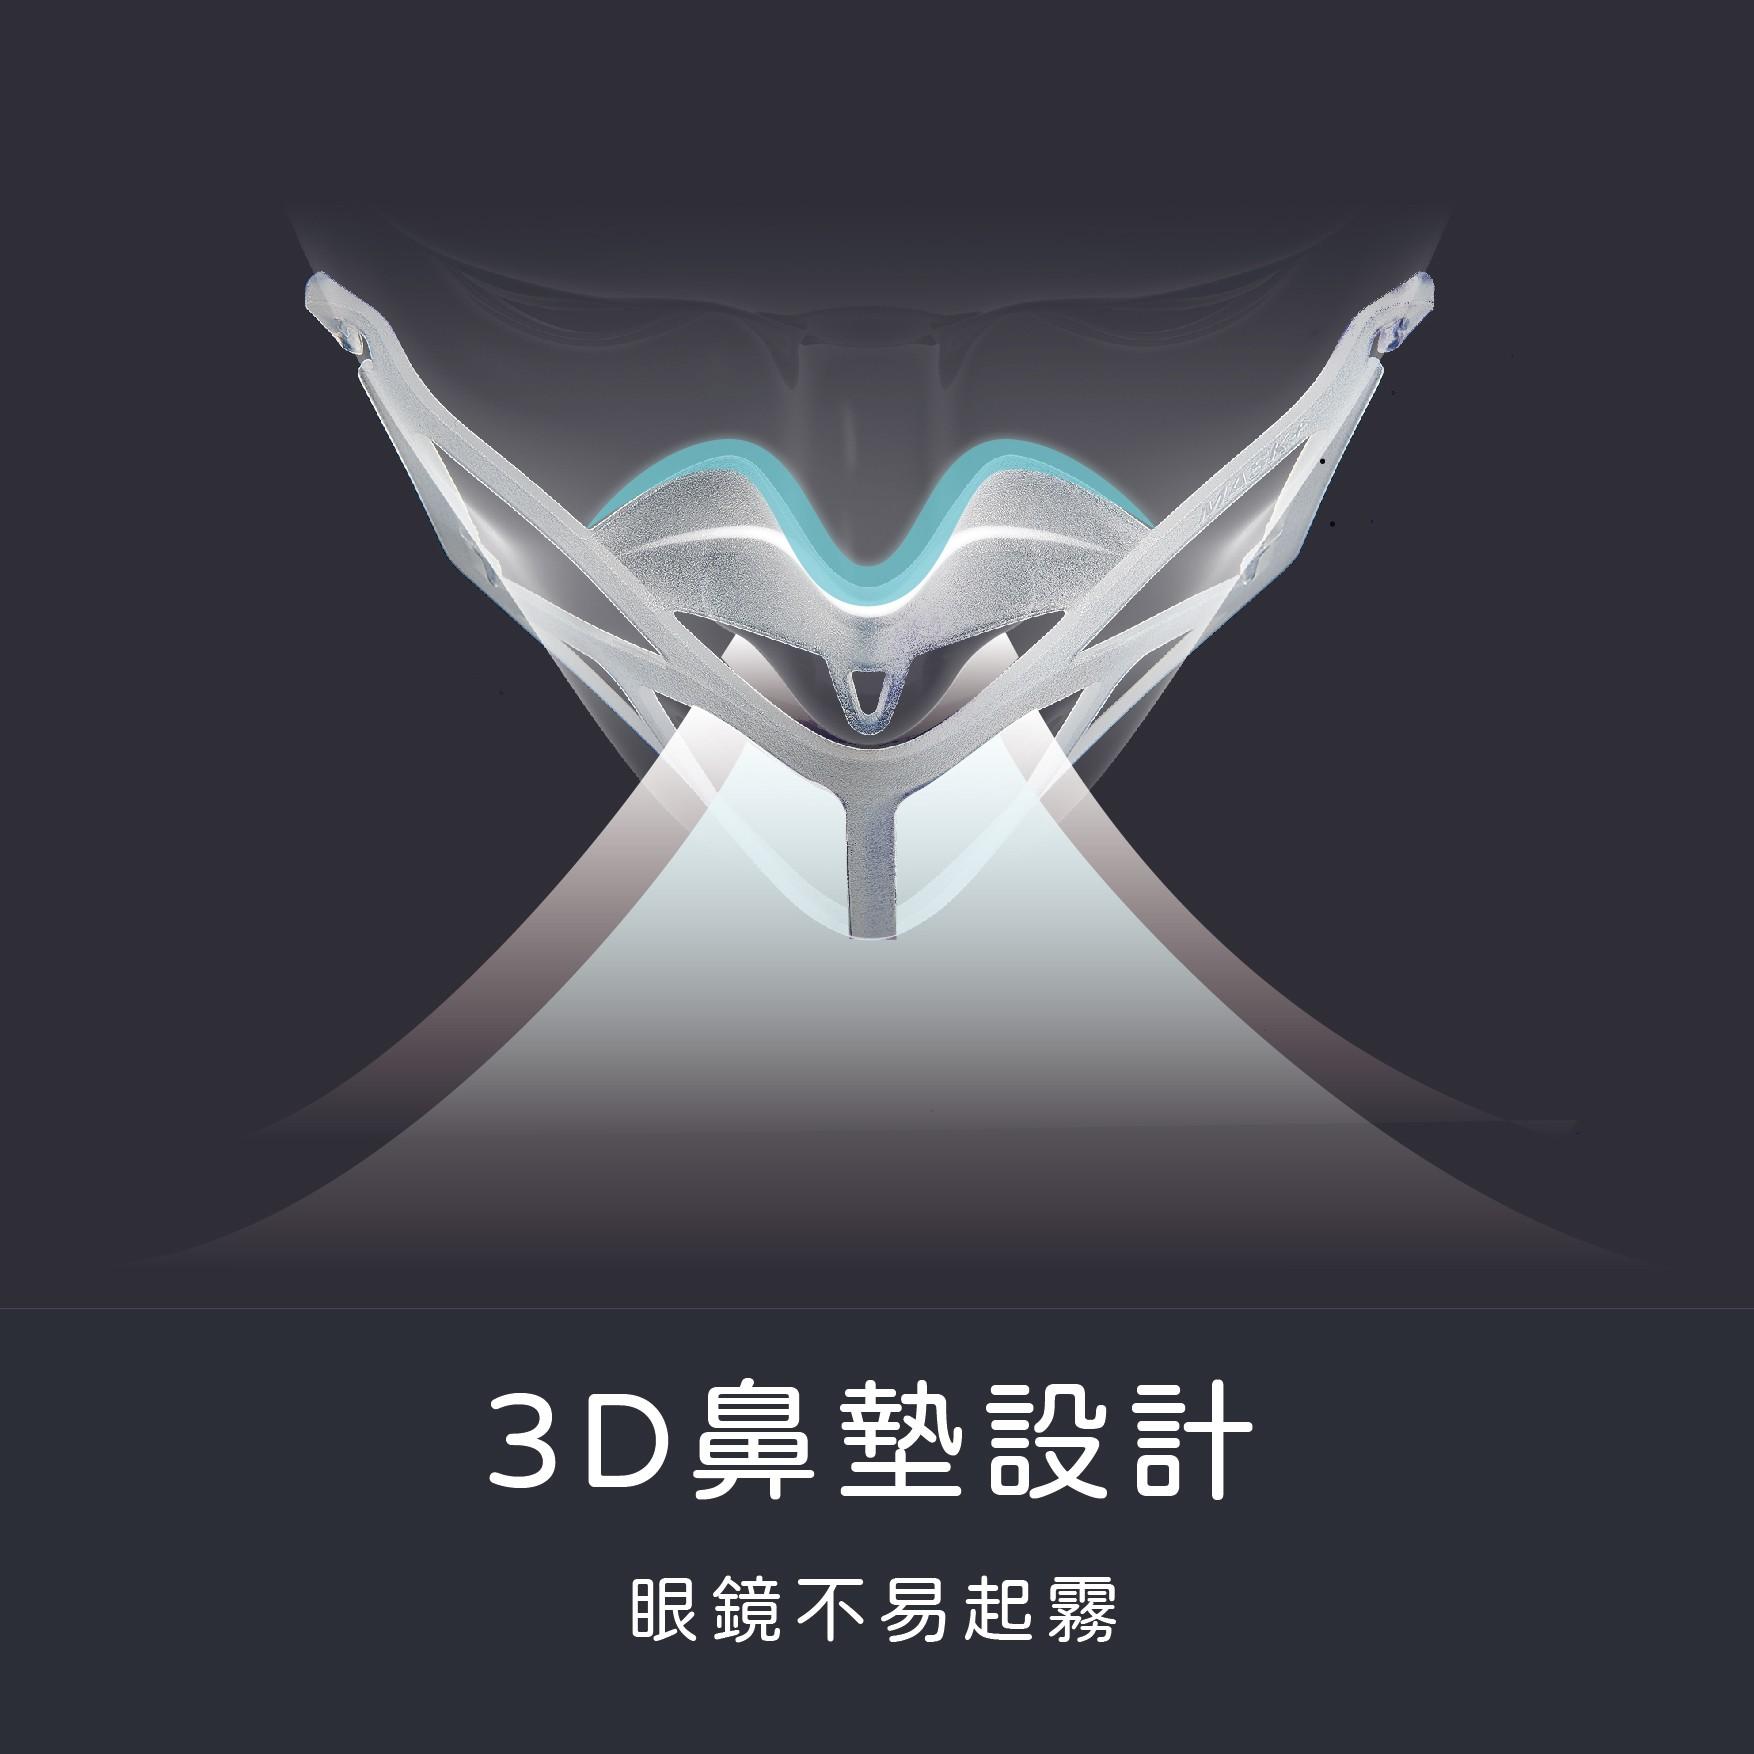 【好加在口罩框MASK+】台灣專利設計製造,通過SGS檢驗,採銀離子抑菌反覆使用無虞!醫護人員使用等級、長期佩戴者必備!己外銷美國醫學界(獨家最低價)